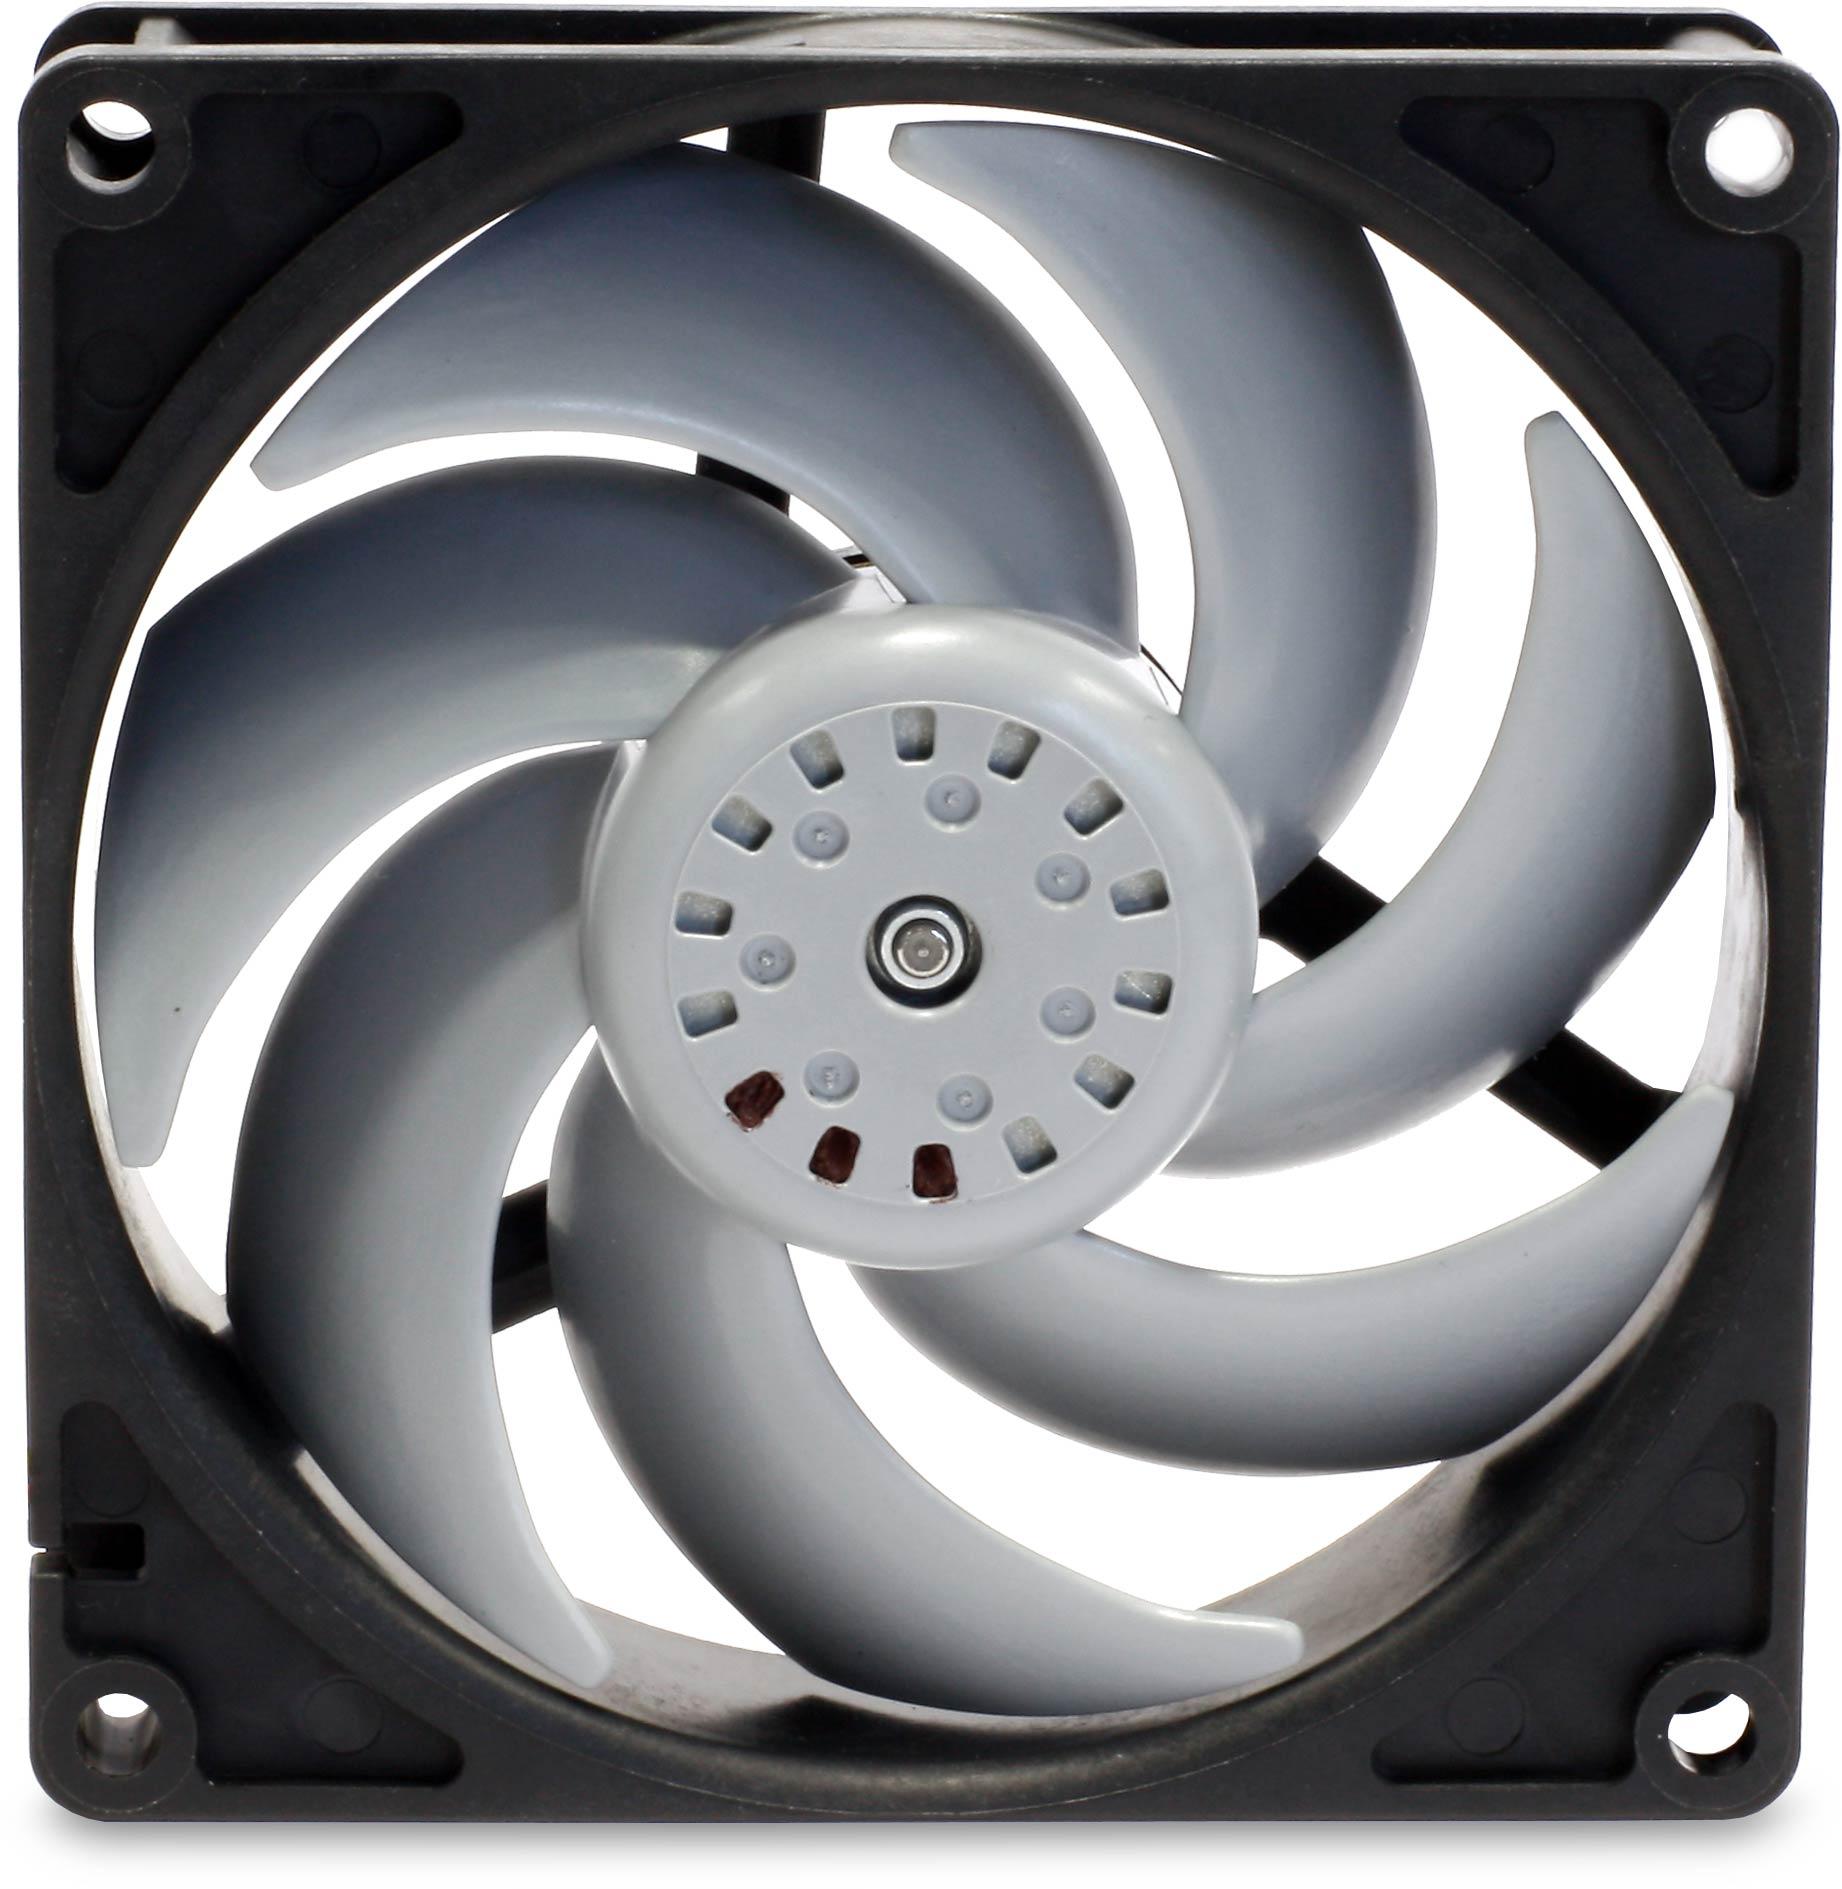 Scythe Gentle Typhoon 92mm 2650 RPM Cooling Fan